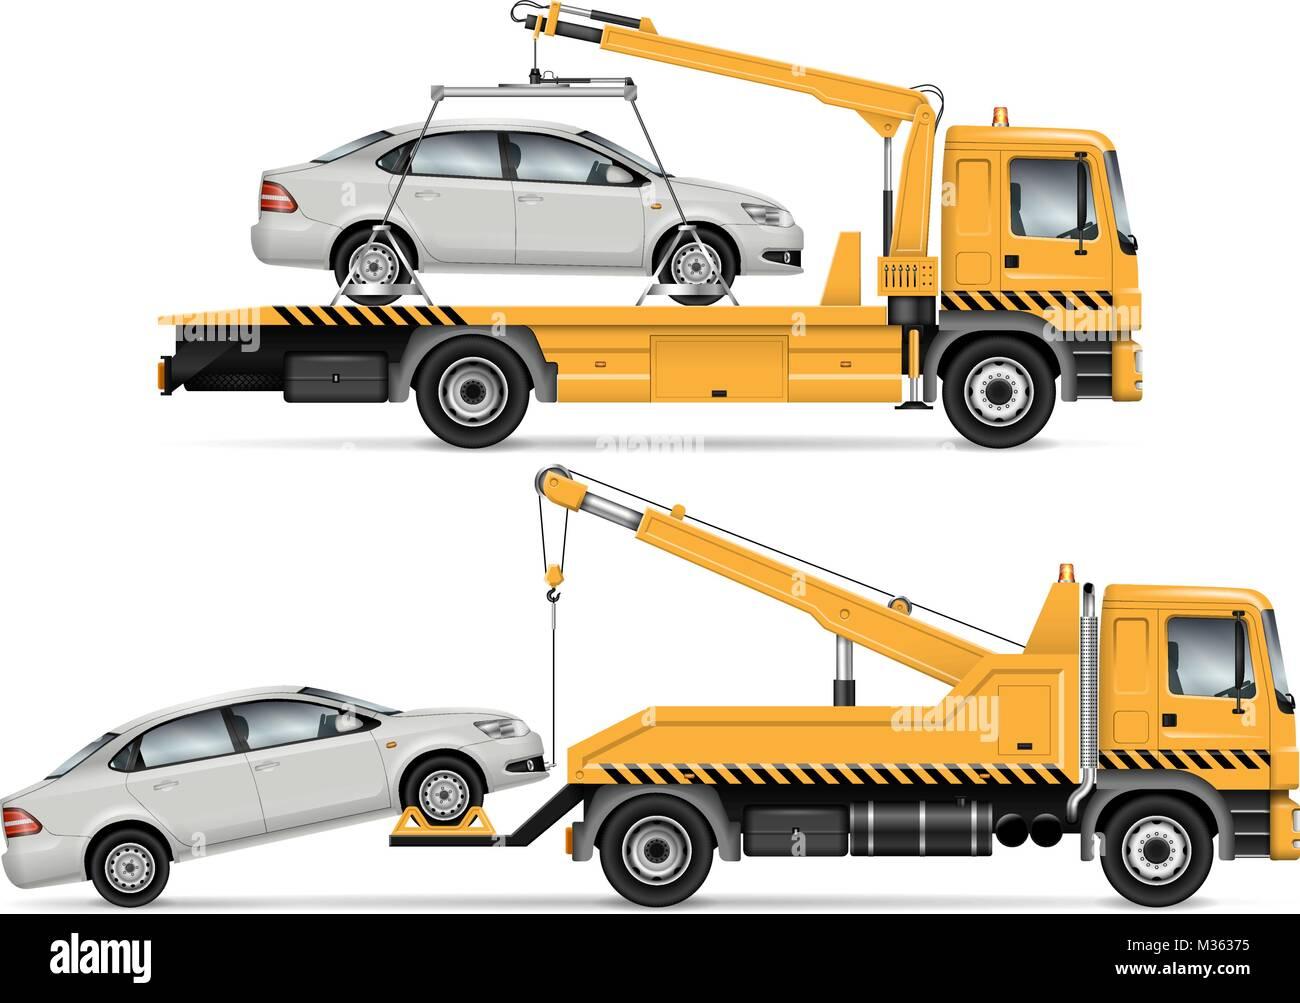 Großartig Vektor Fahrzeug Vorlagen Zeitgenössisch ...